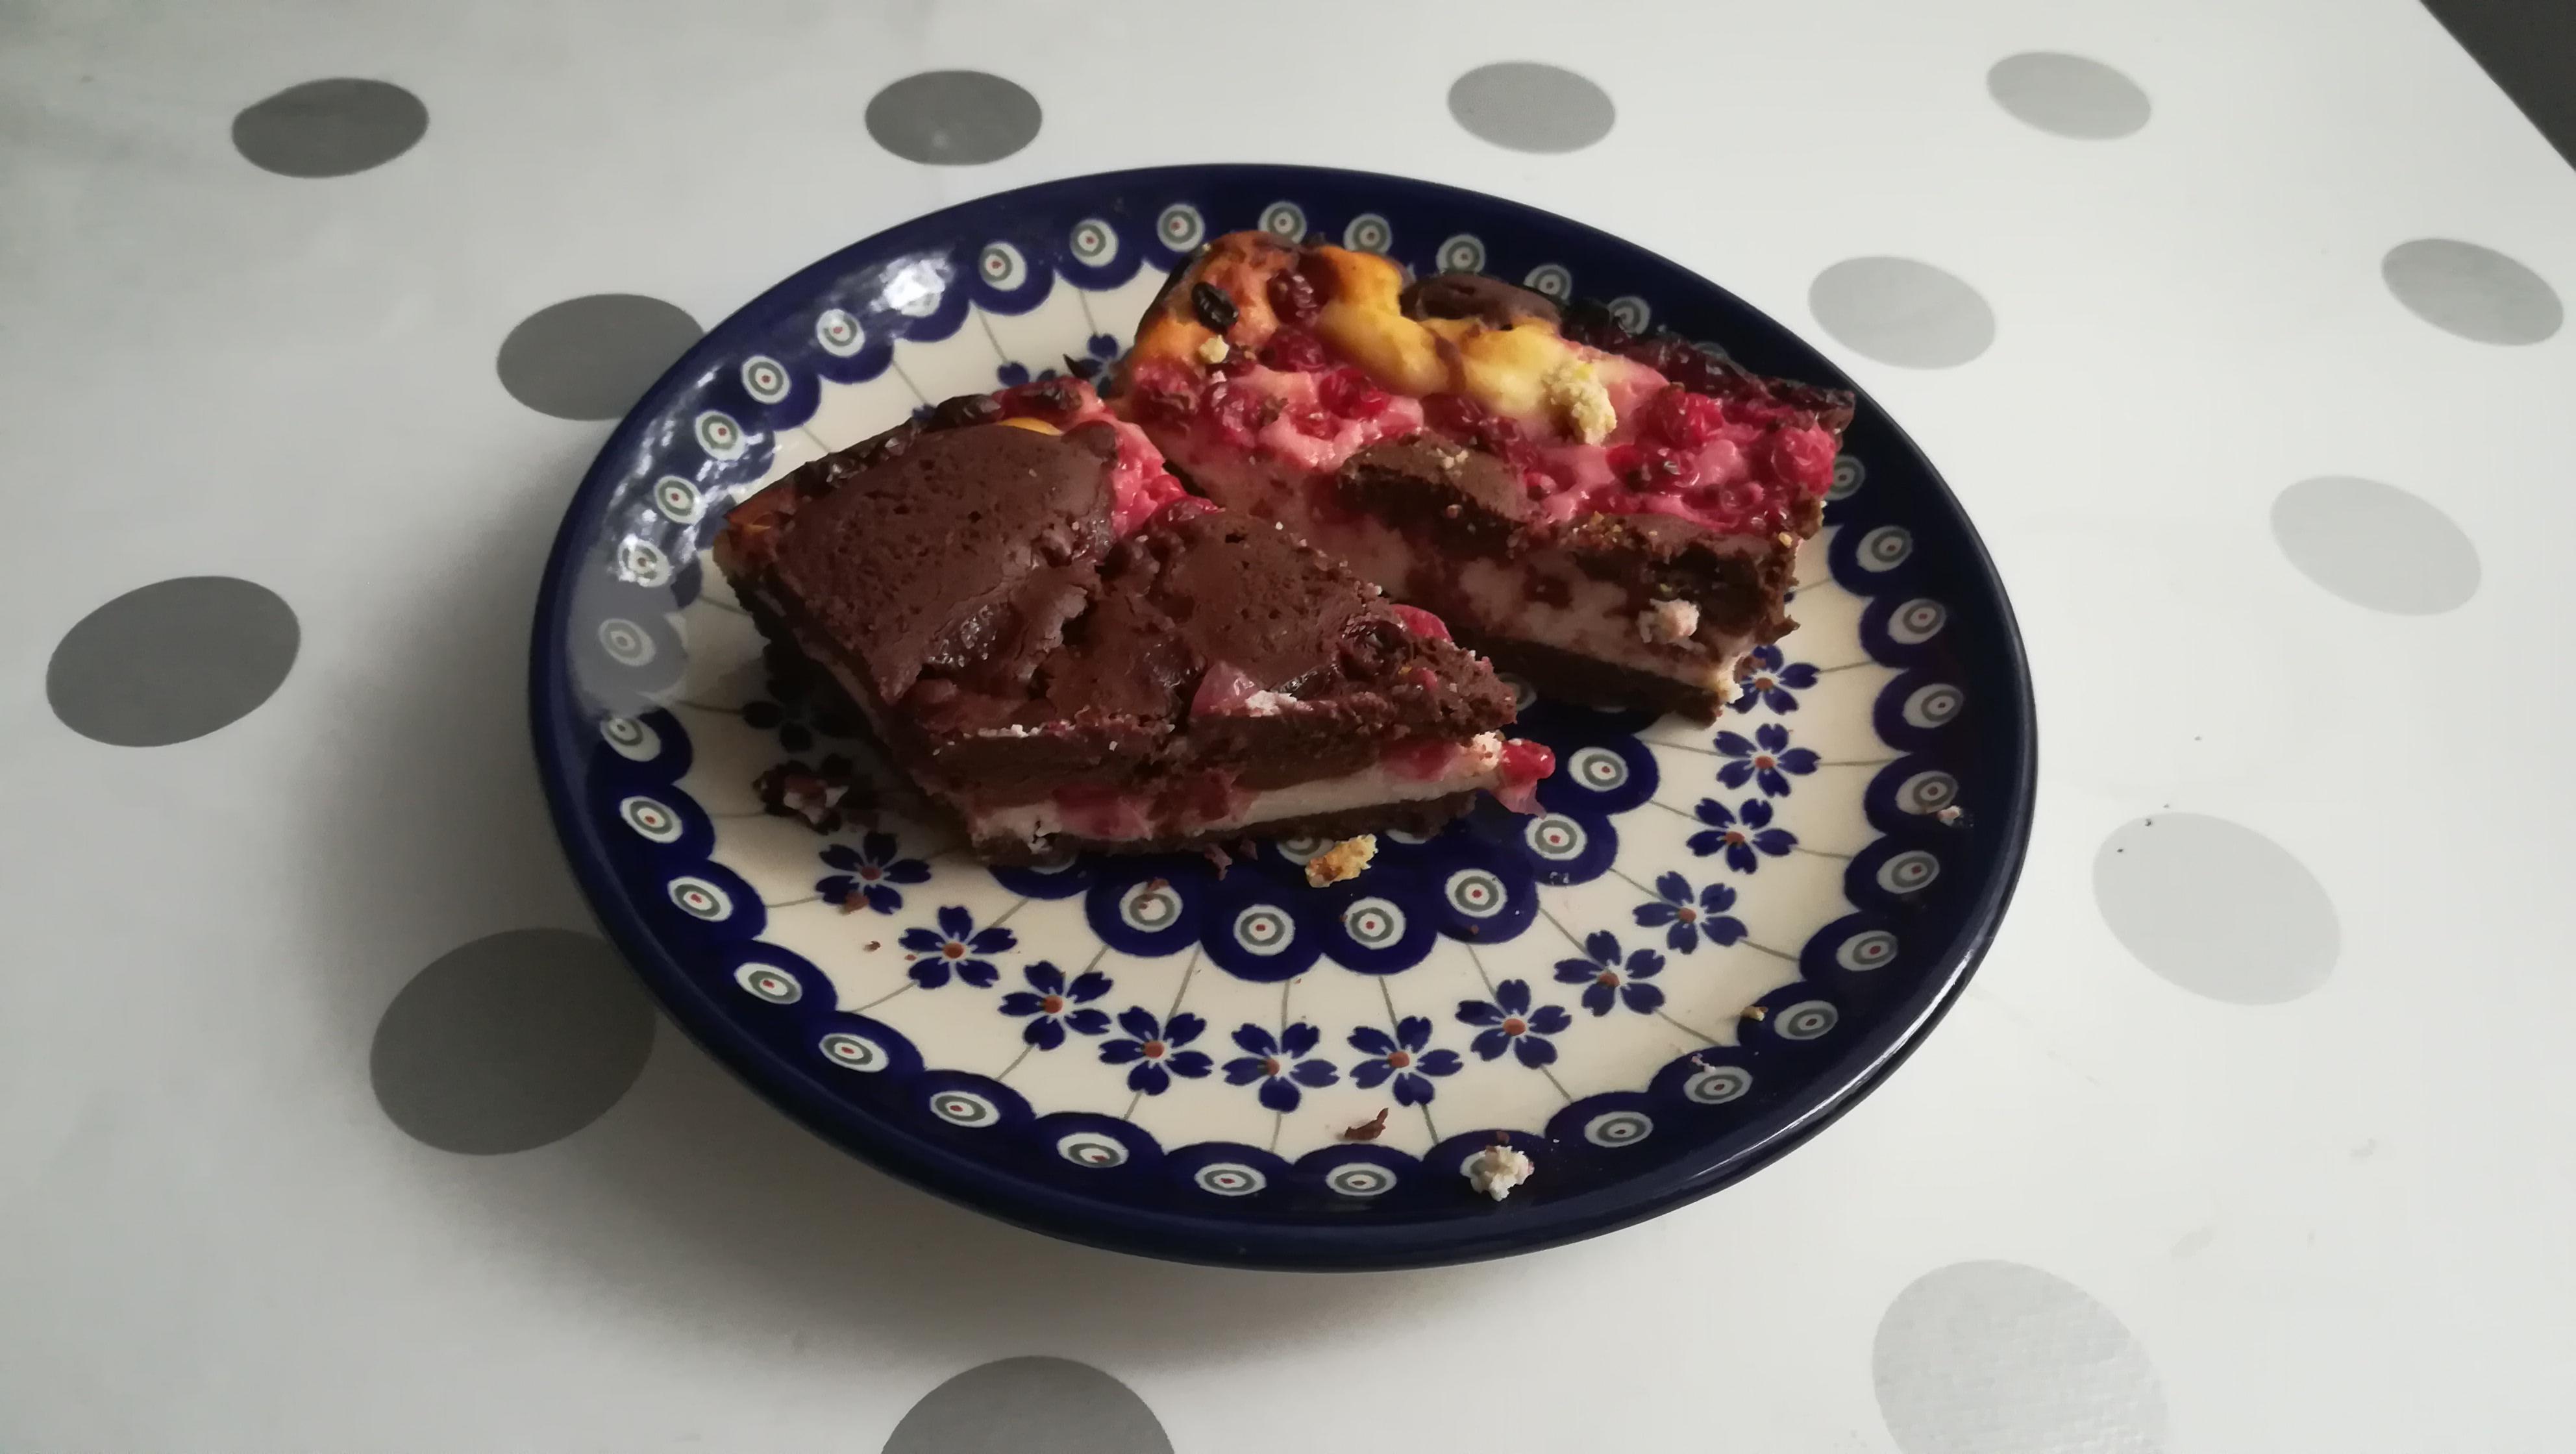 Brownie-Sernik na Międzynarodowy Dzień Sernika 1